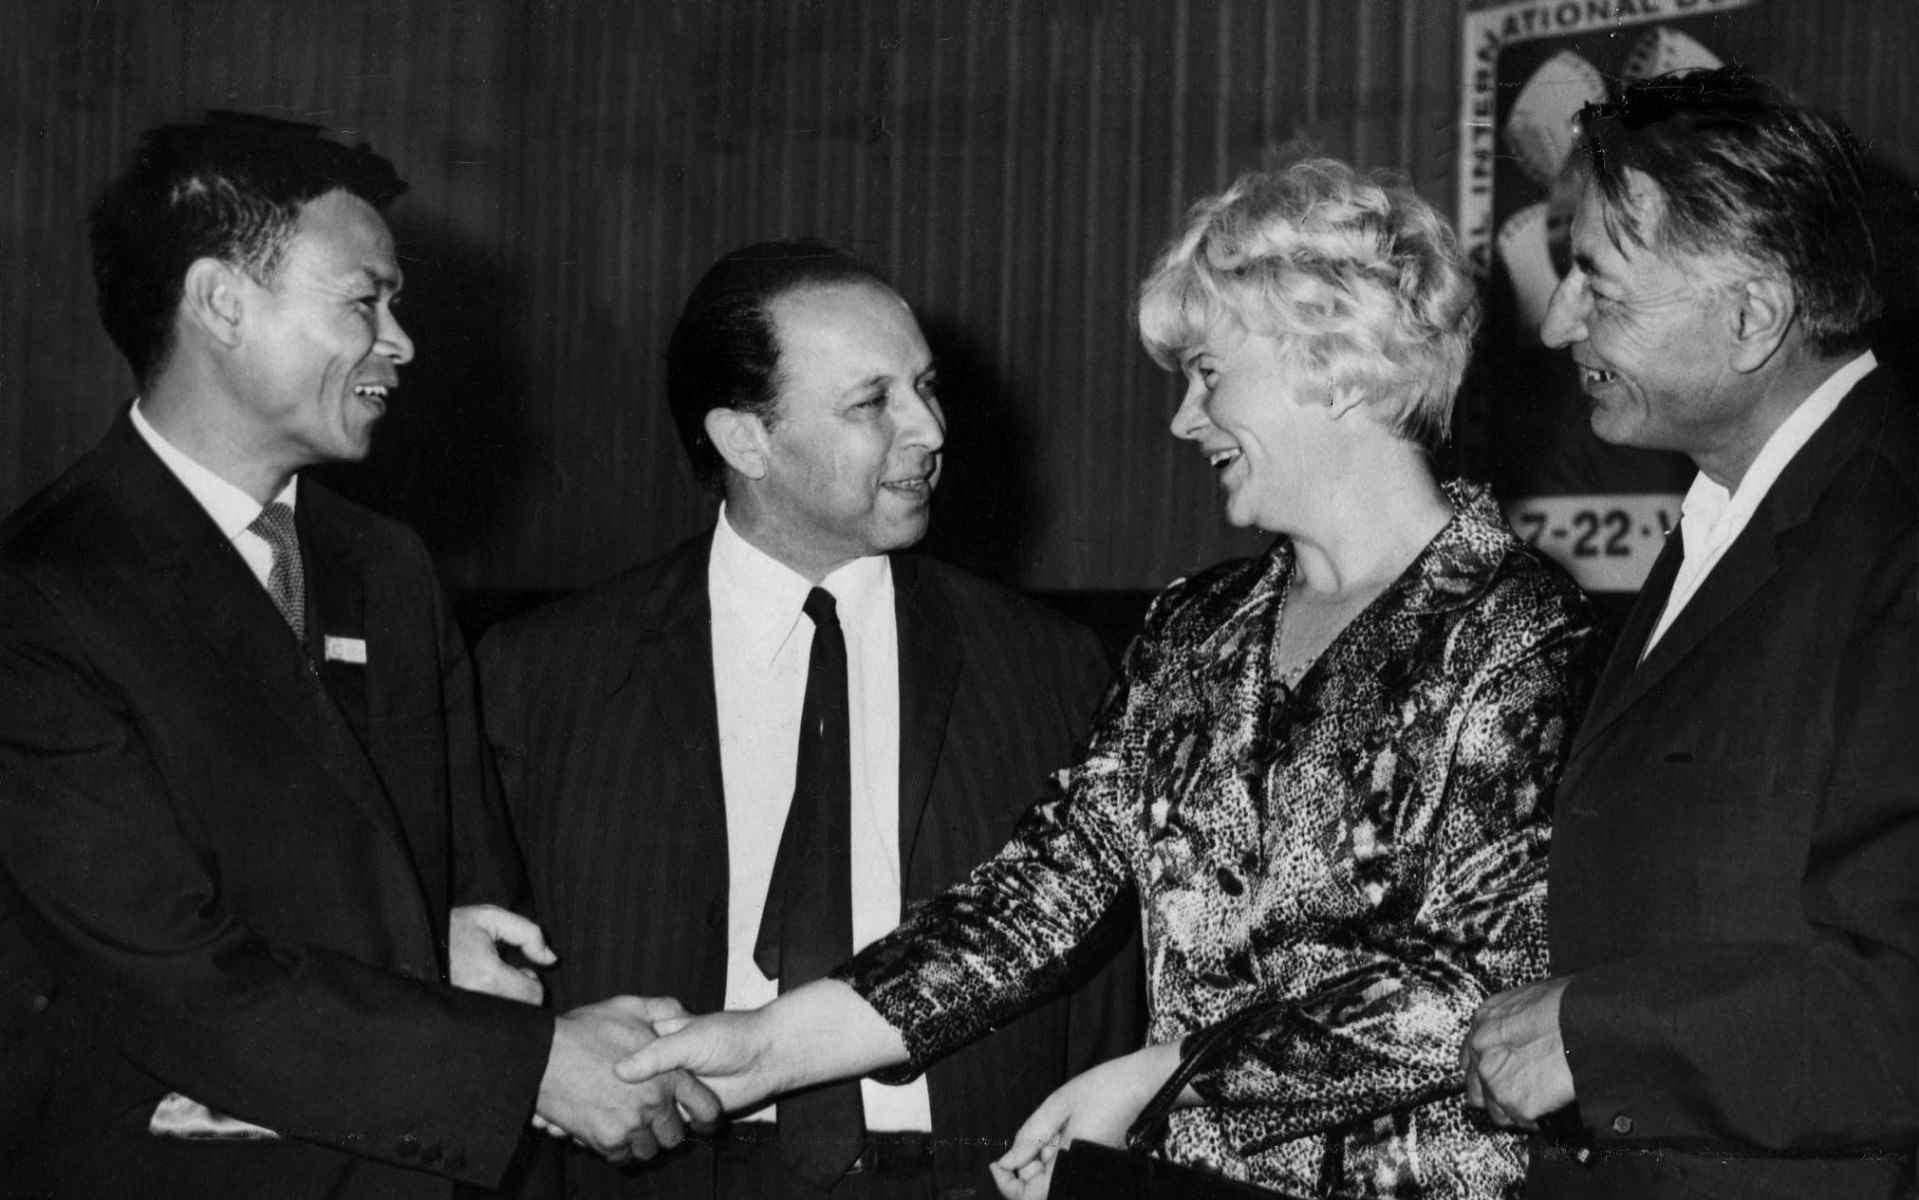 Экспонат #52. С Маликом Каюмовым и Лыу Суан Тхи. ЦСДФ. 14 июля 1969 года